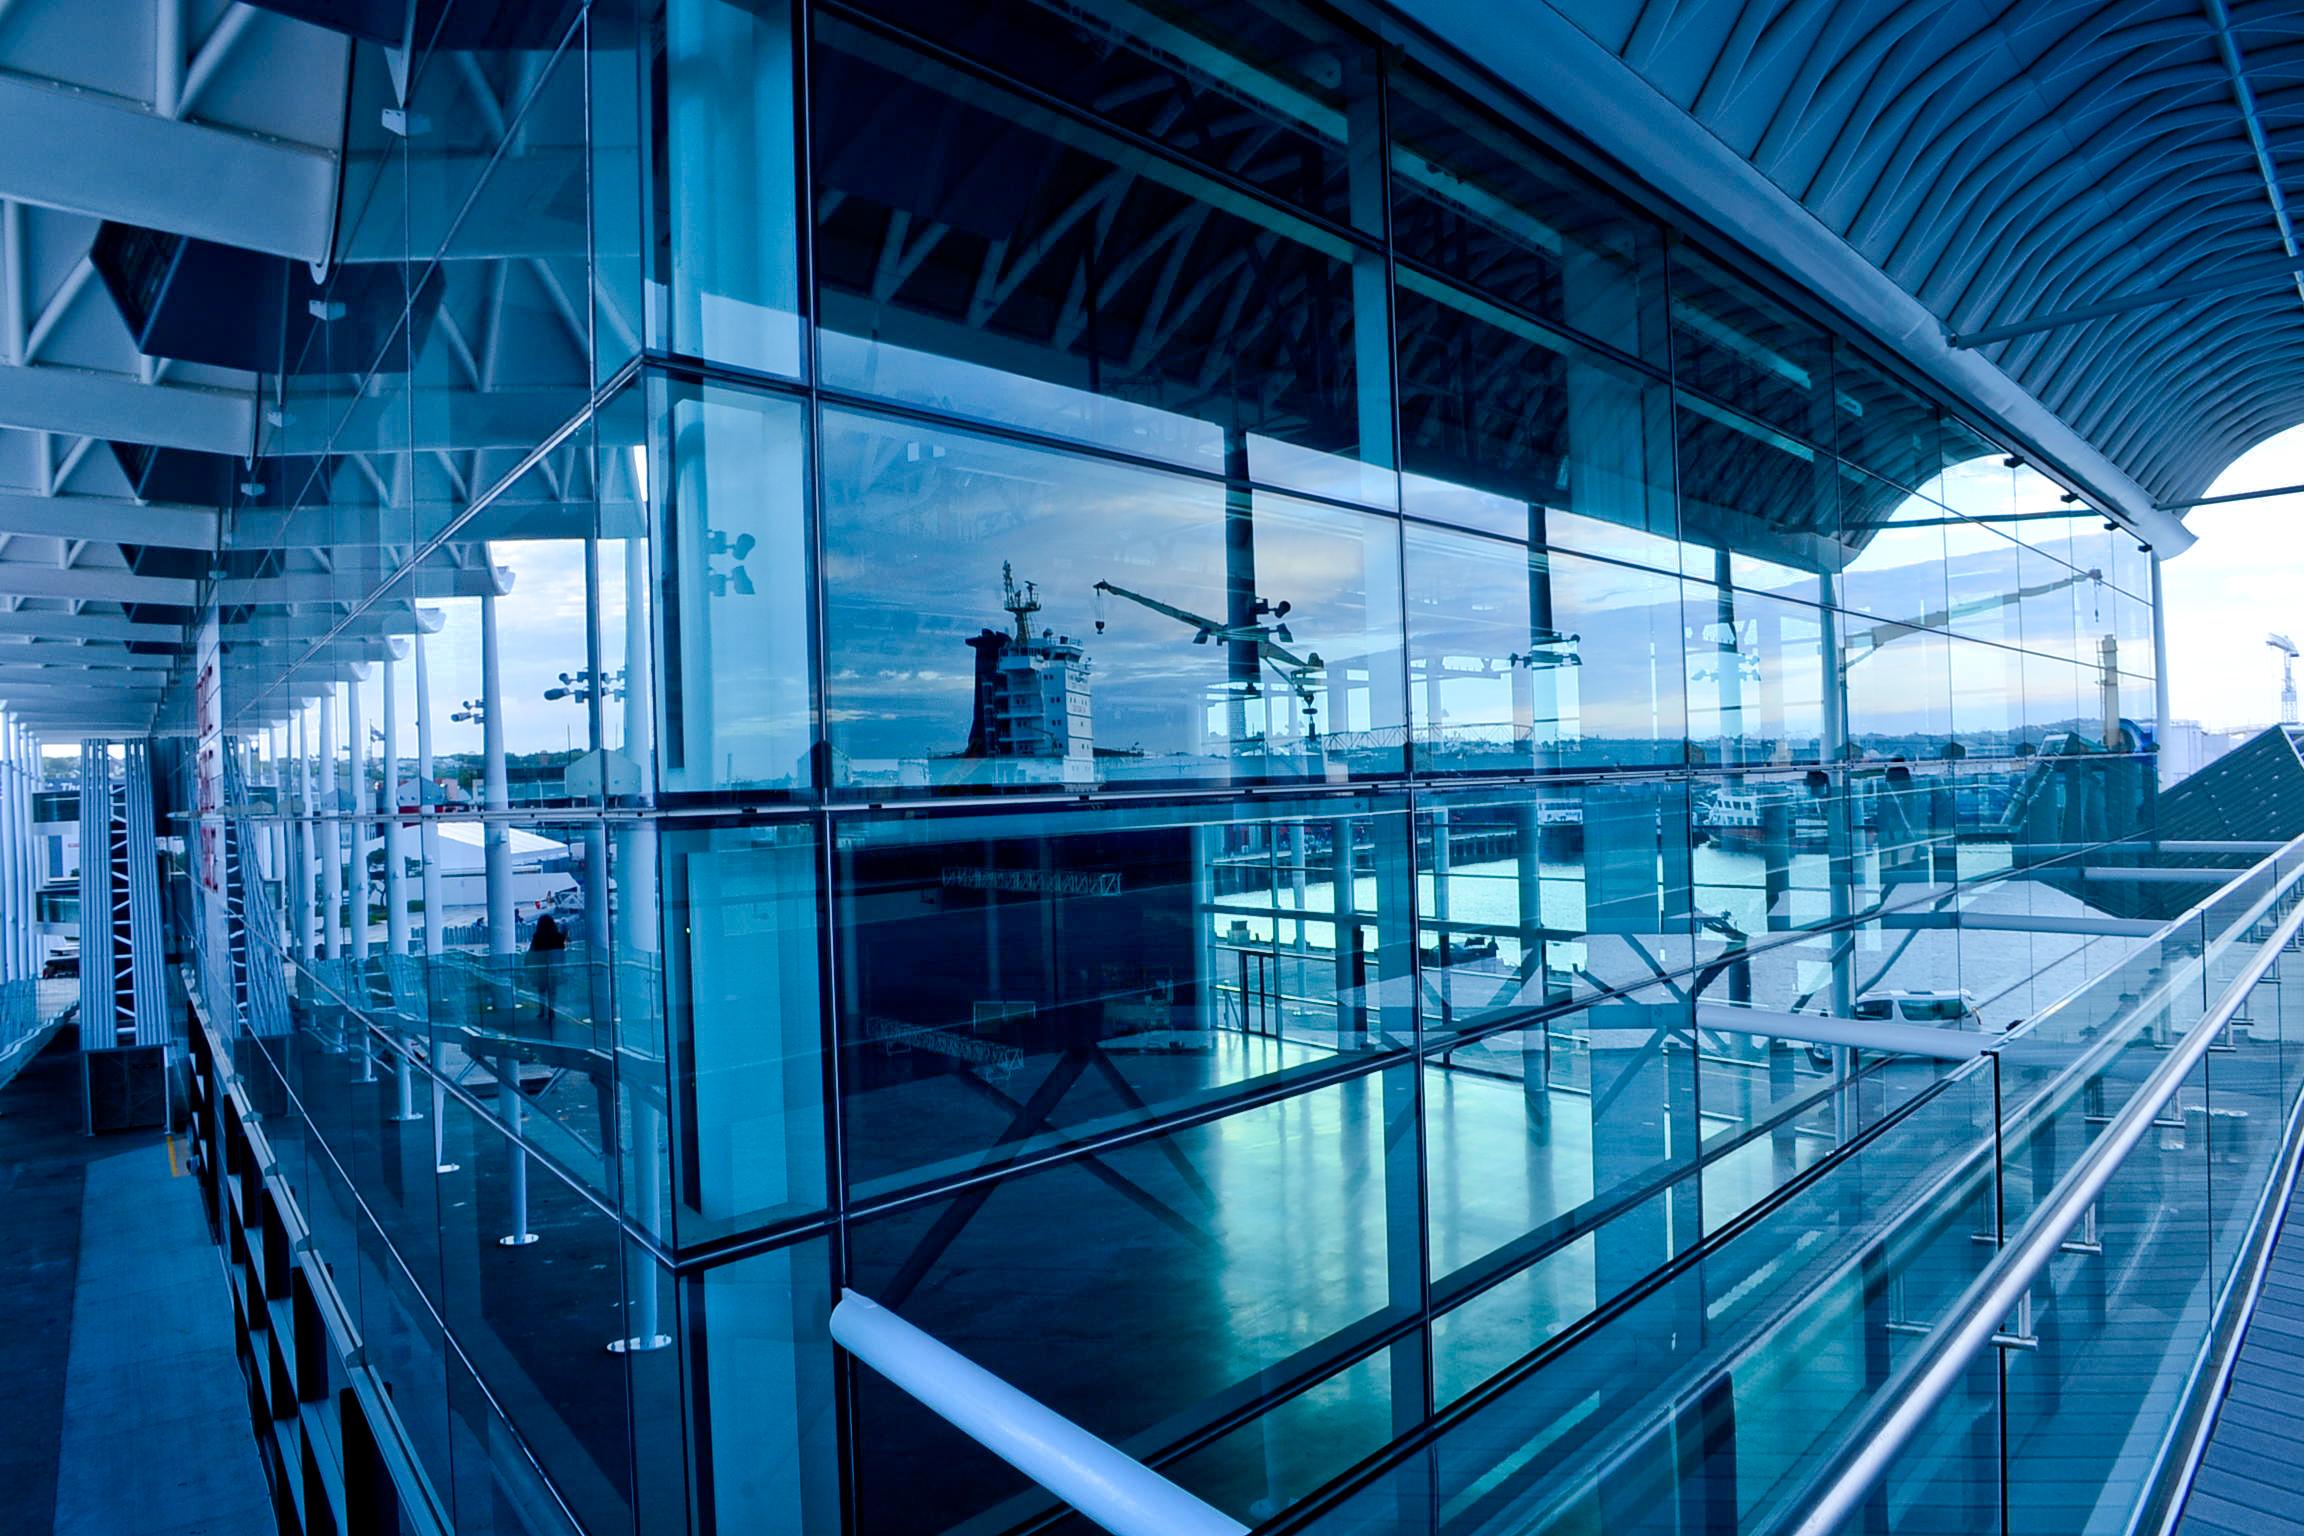 Aperta fino al 30 settembre la call di Campania NewSteel per selezionare 10 progetti per l'Industria 4.0